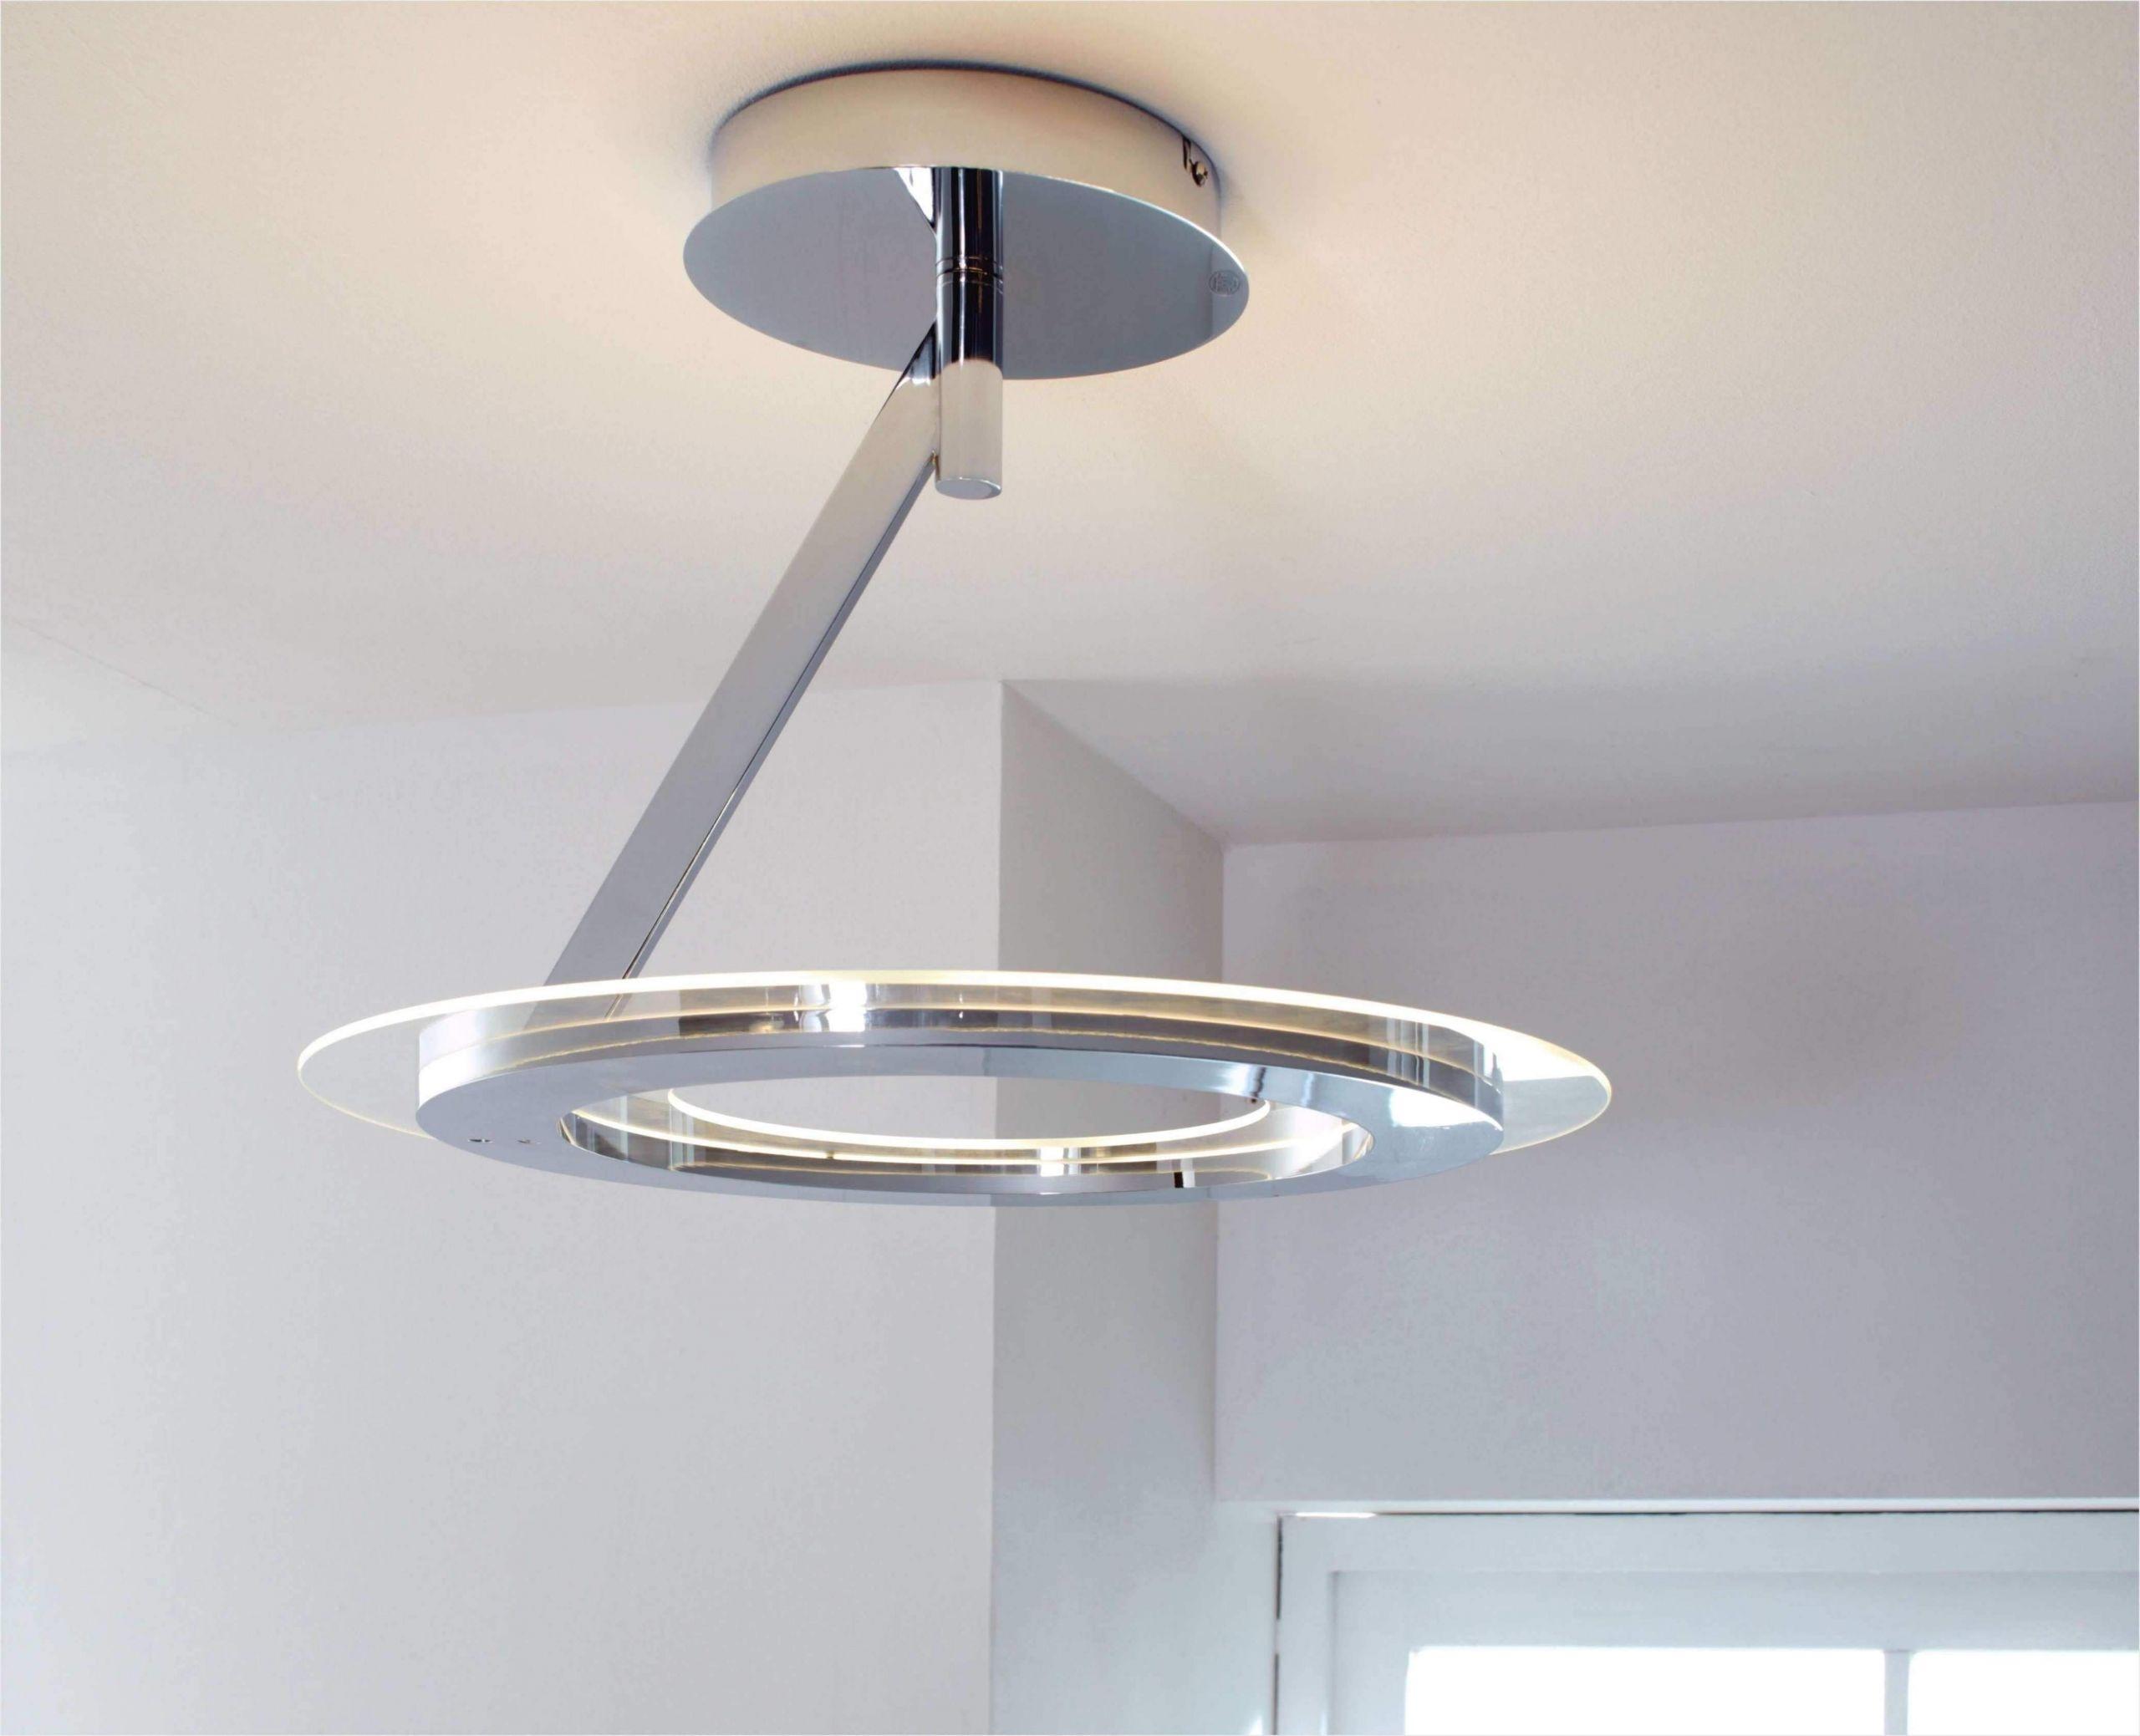 Full Size of Schlafzimmer Lampe Deckenlampen Wohnzimmer Komplett Massivholz Lampen Küche Kommode Badezimmer Decke Weiß Deckenlampe Loddenkemper Günstig Stehlampe Schlafzimmer Schlafzimmer Lampe